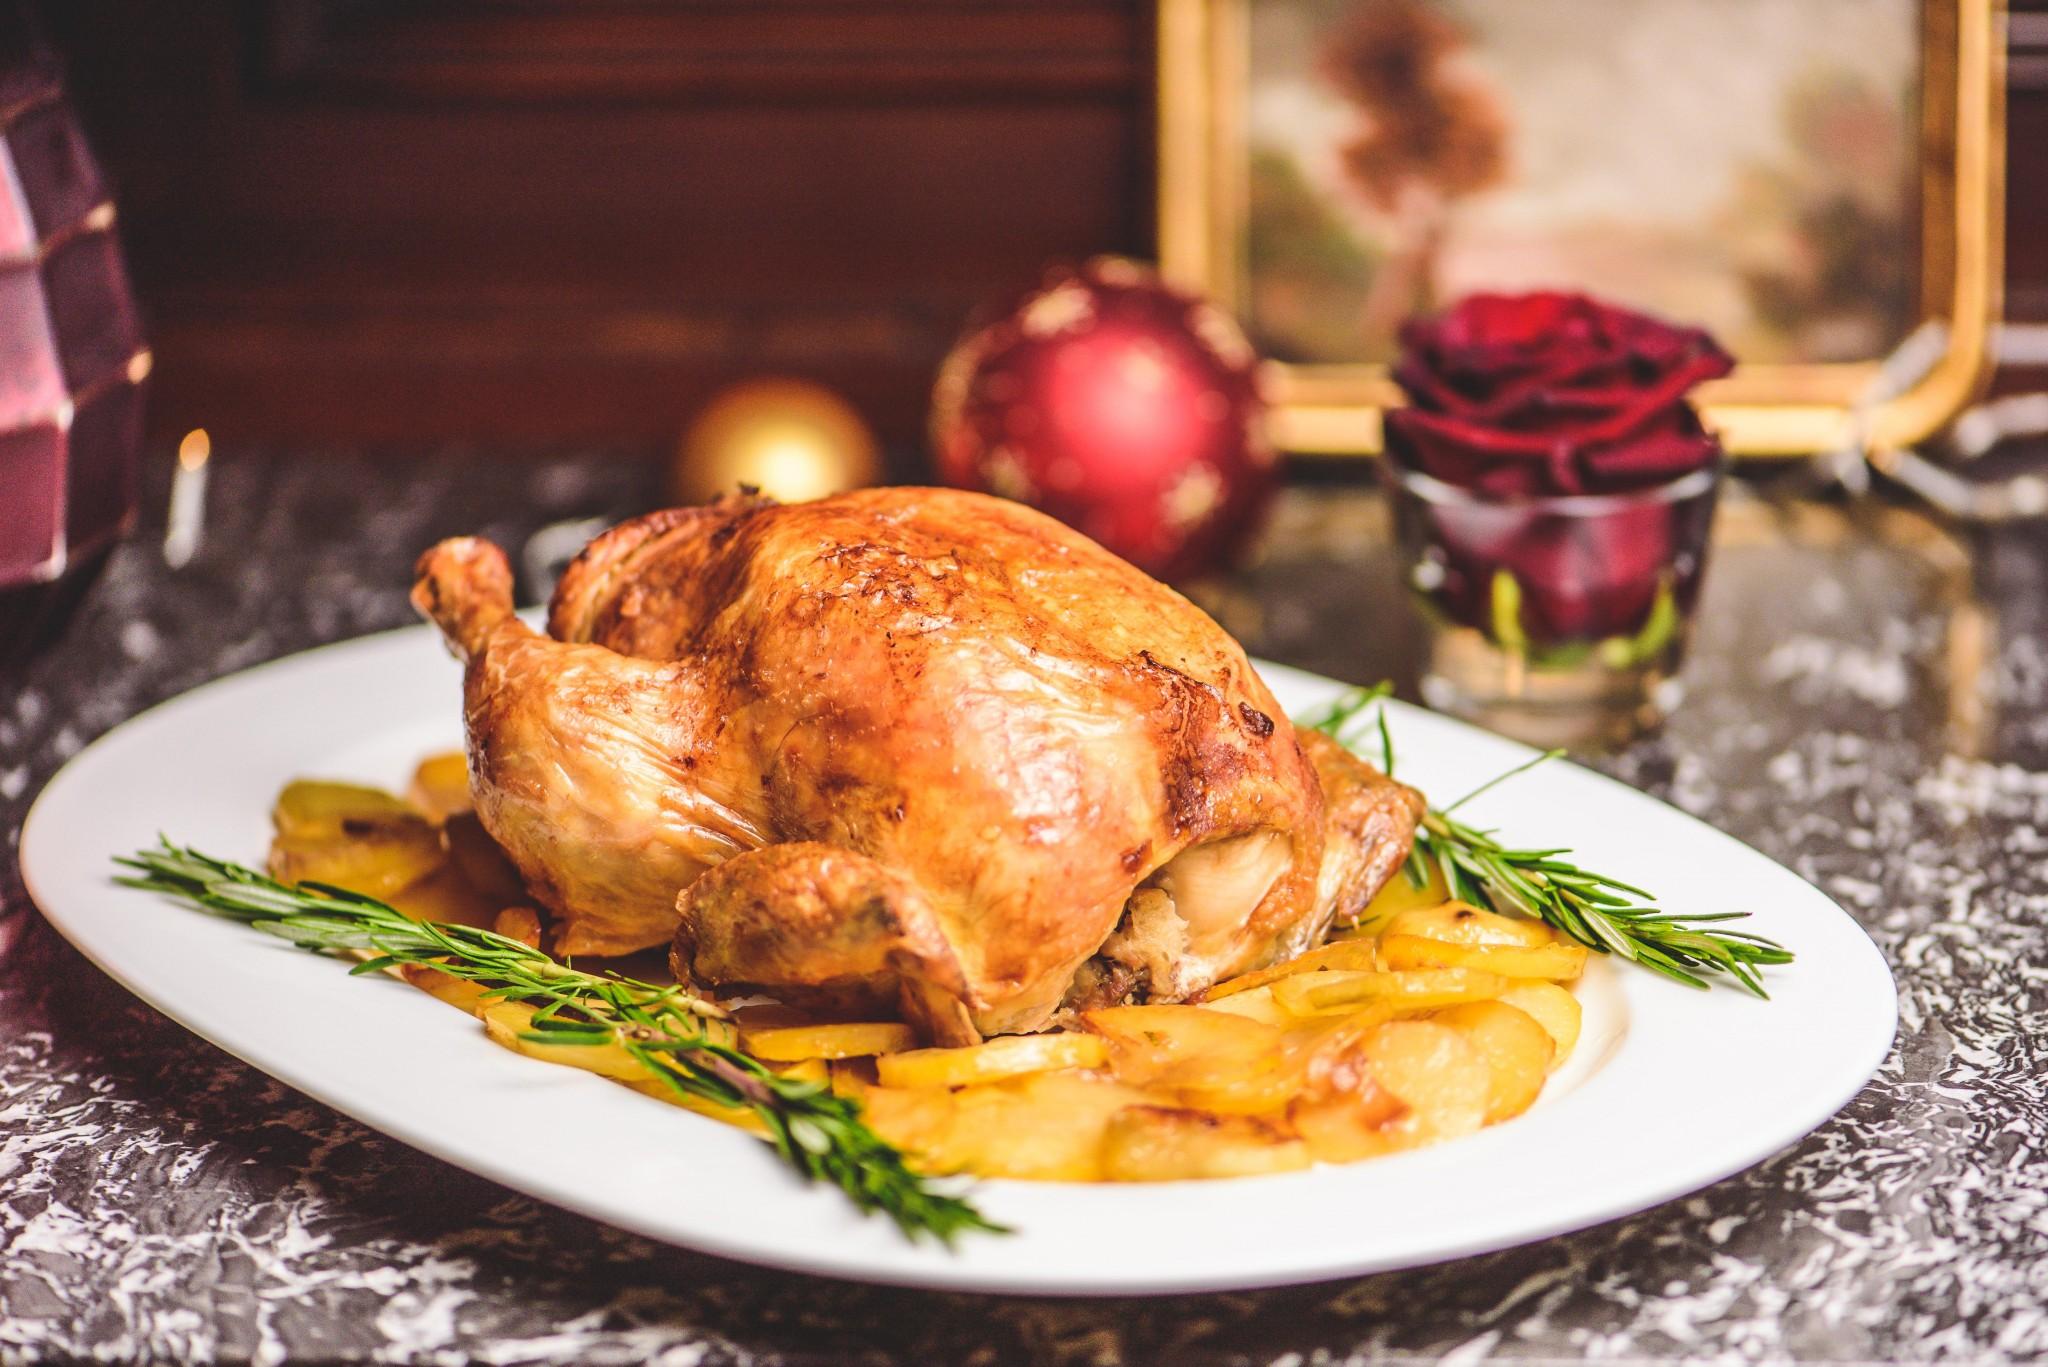 Am Kartoffelbeet aufgesetztes gefülltes Huhn